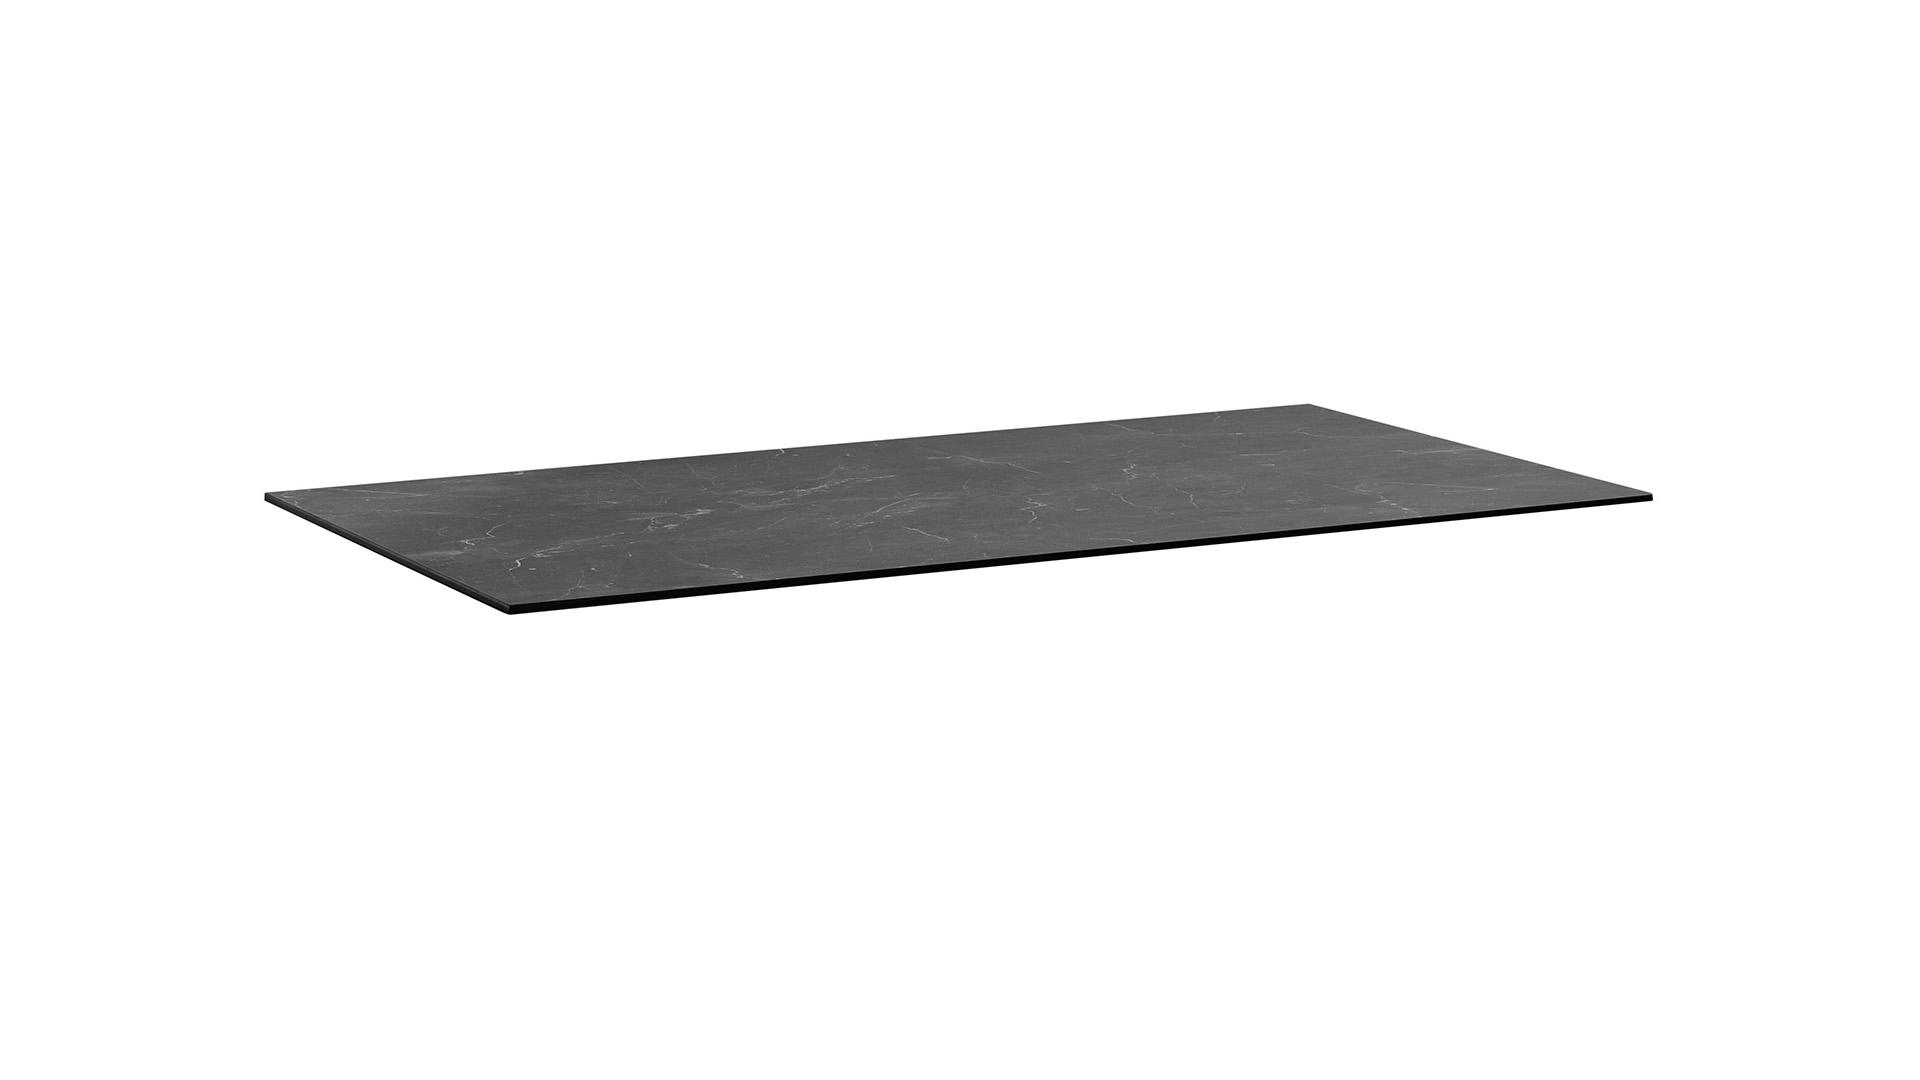 HPL Tischplatte 140 x 70 x 1,3 cm, Wing-Profil